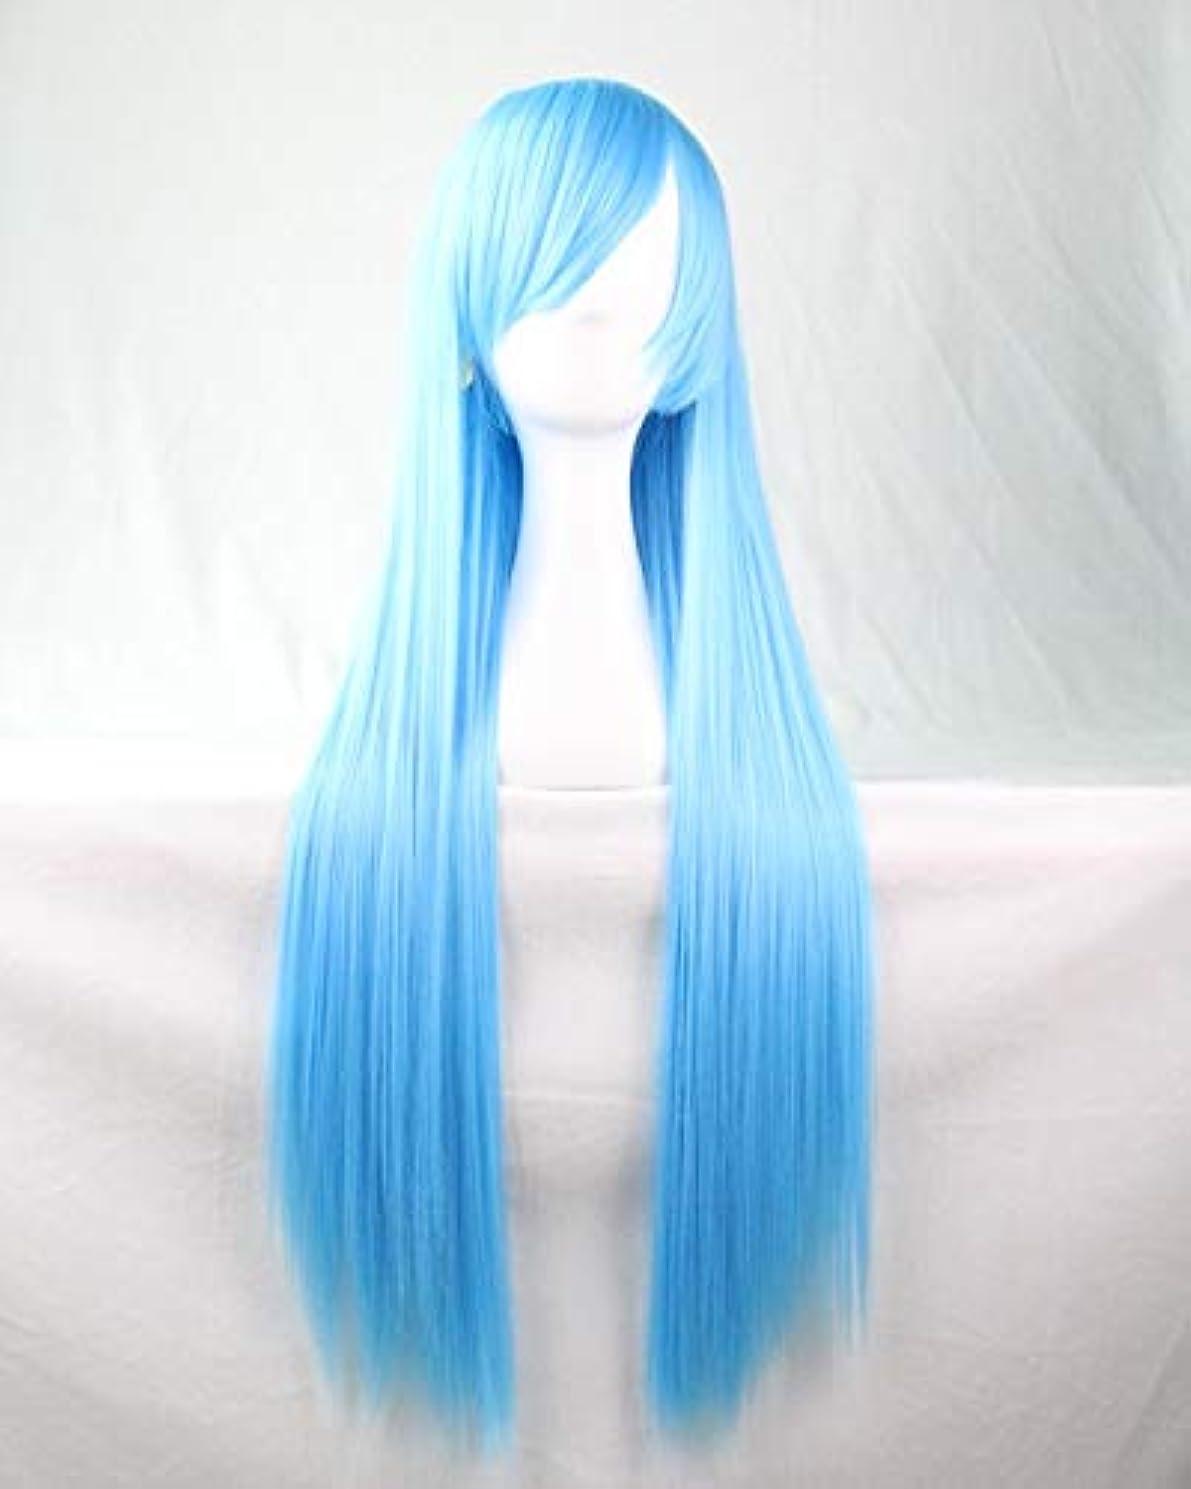 傾斜前投薬ペスト女性のためのかつらキャップロングファンシードレスストレートウィッグ高品質な人工毛コスプレ高密度ウィッグ女性と女の子のためのかつら31.5インチ (Color : Aqua blue)